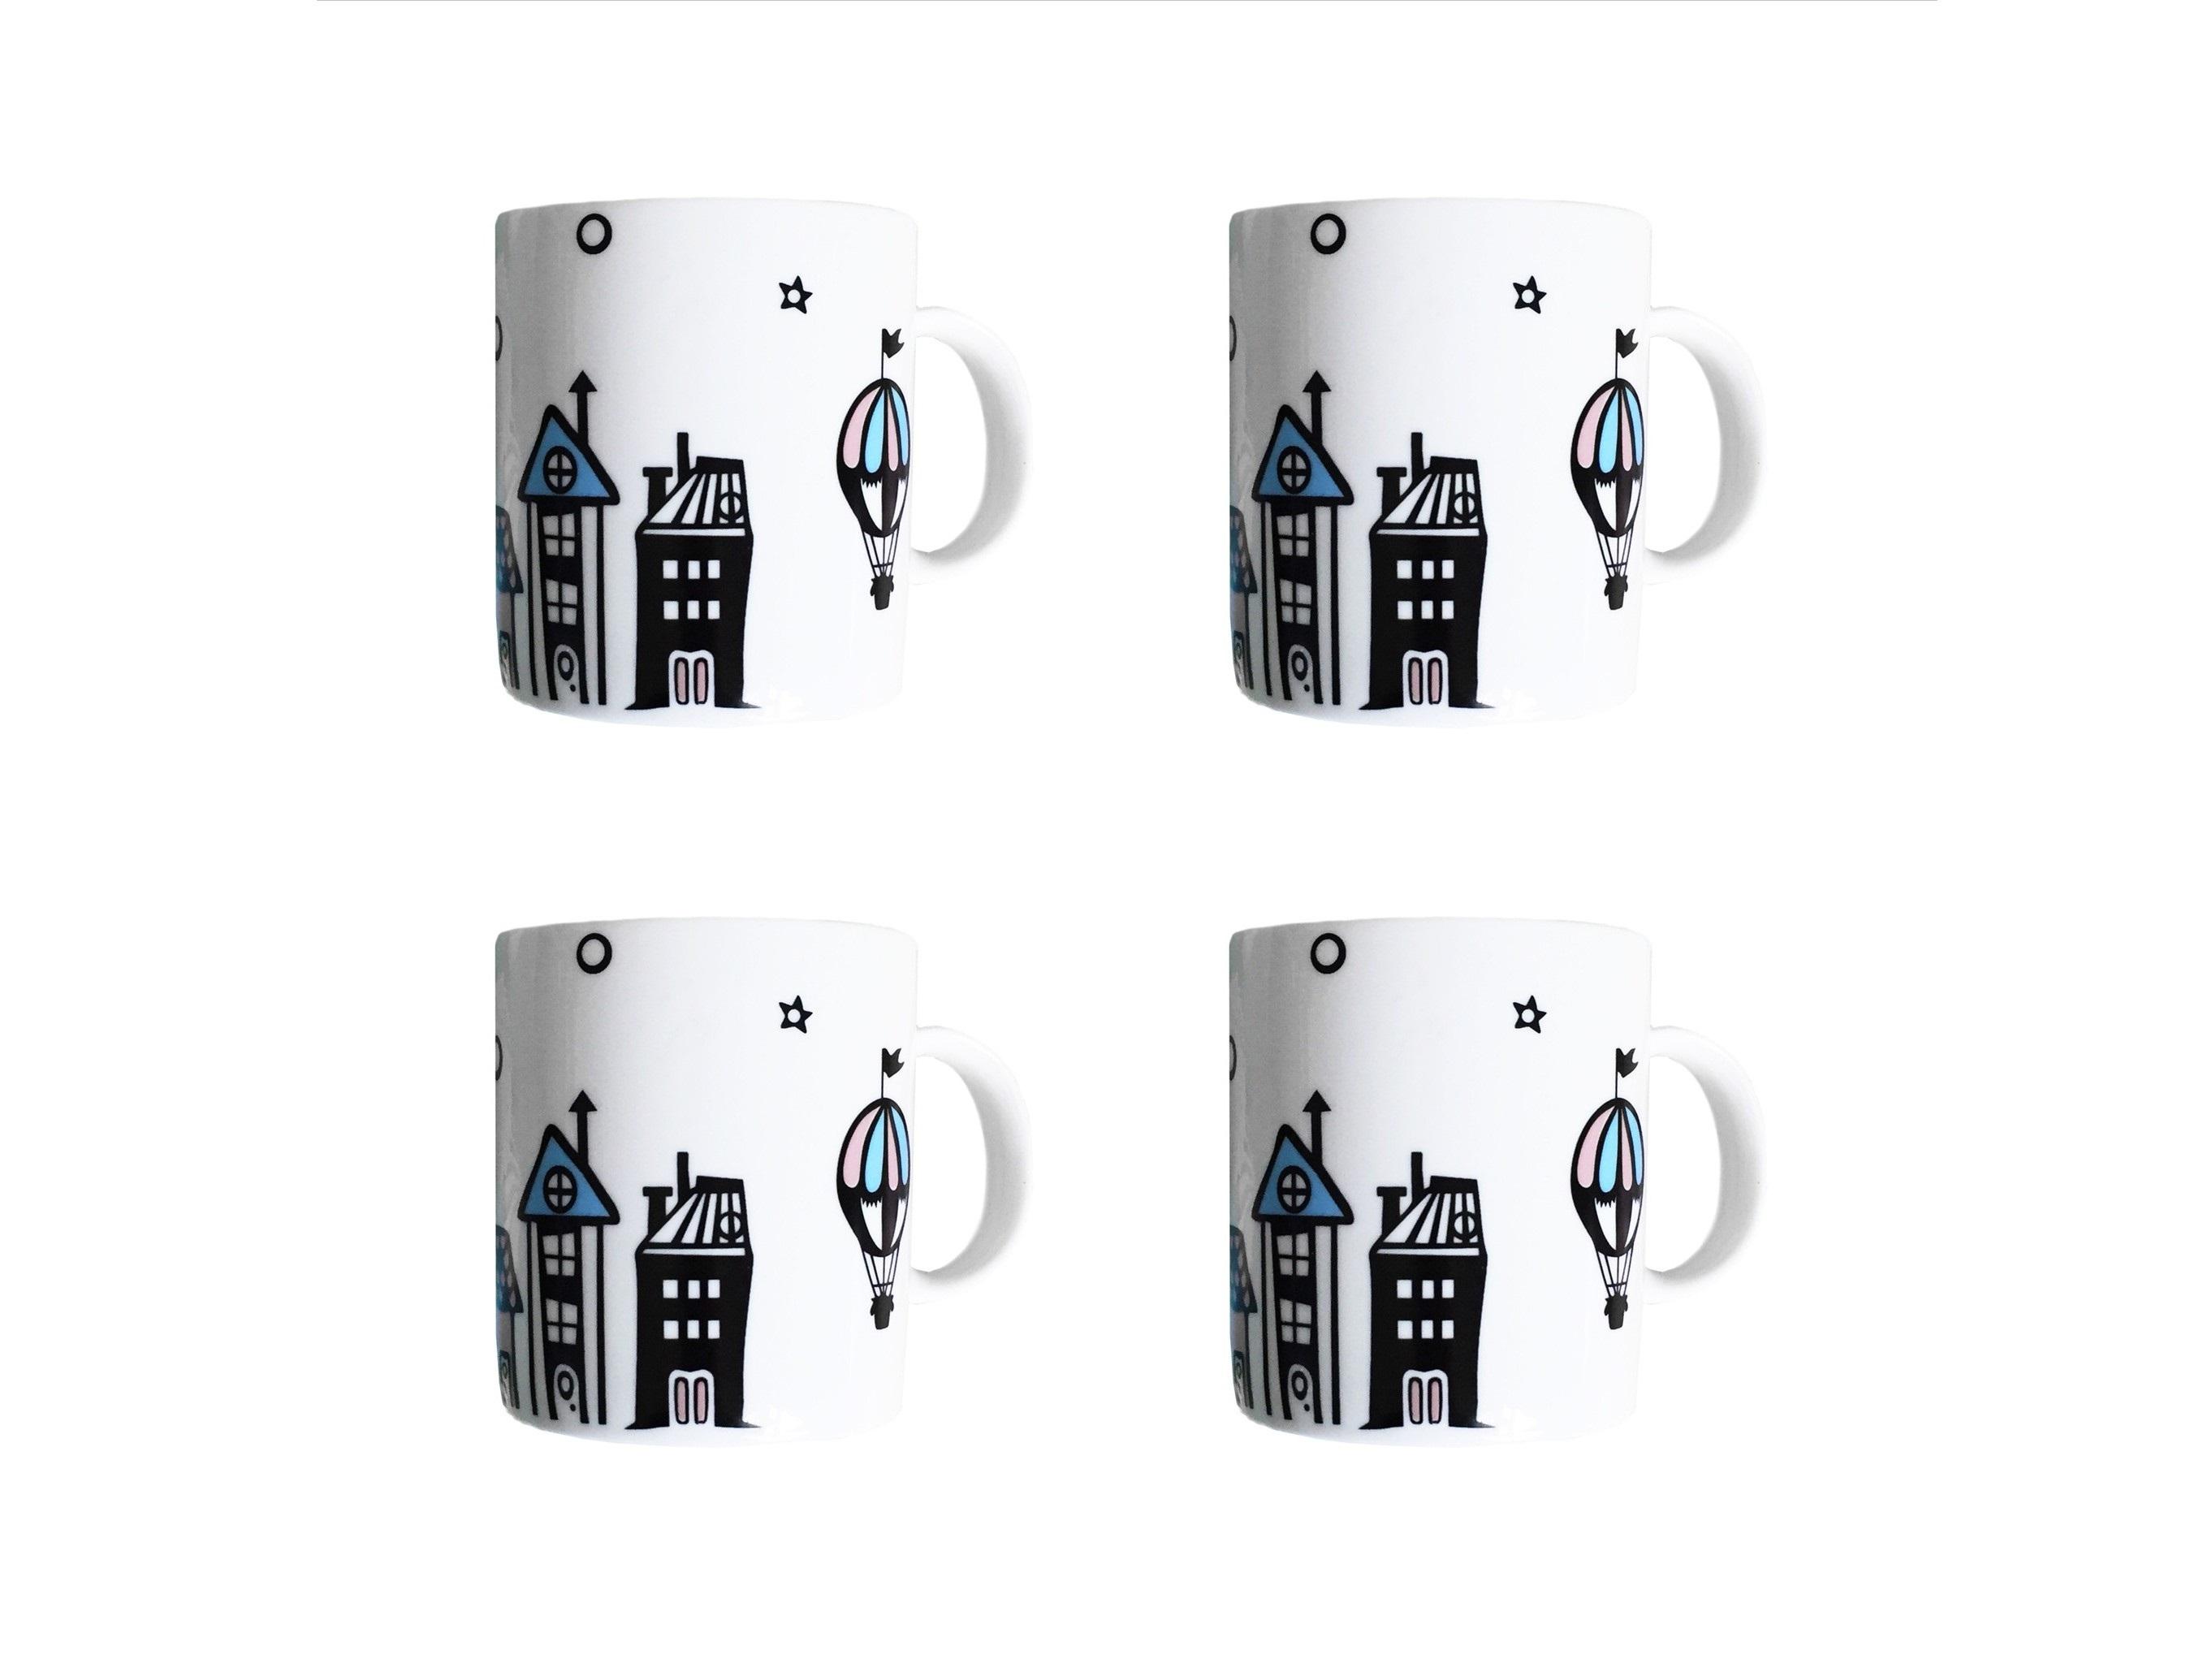 Набор кружек Воздушный город (4 шт)Чайные пары, чашки и кружки<br>Посуду можно использовать в микроволновой печи и посудомоечной машине.&amp;amp;nbsp;&amp;lt;div&amp;gt;&amp;lt;br&amp;gt;&amp;lt;/div&amp;gt;&amp;lt;div&amp;gt;В комплект входят: Кружка 300 мл - 4 шт.&amp;lt;/div&amp;gt;<br><br>Material: Фарфор<br>Высота см: 9